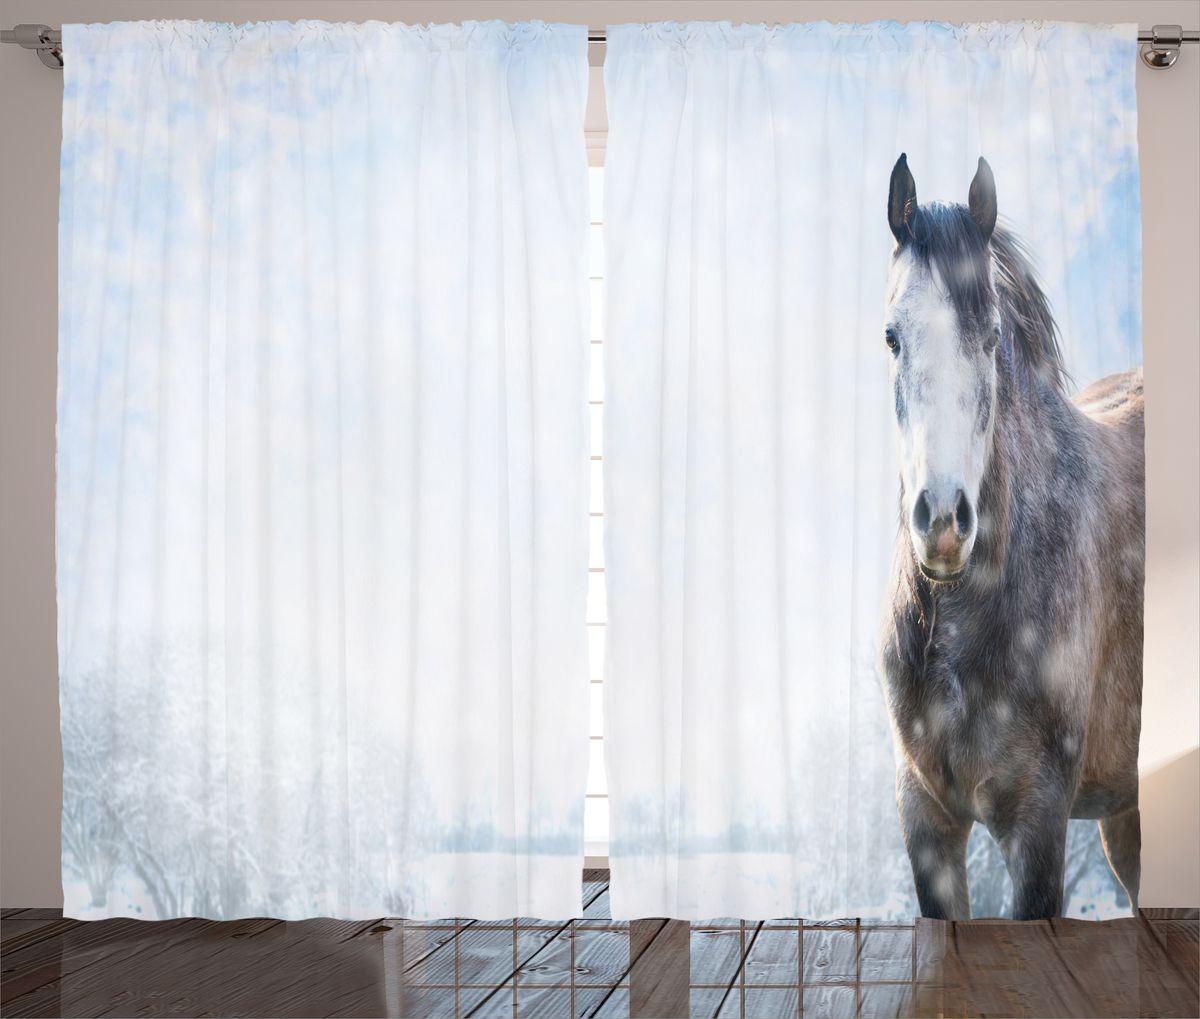 Комплект фотоштор Magic Lady Лошадь на заснеженном лугу, на ленте, высота 265 см. шсг_1489721272Компания Сэмболь изготавливает шторы из высококачественного сатена (полиэстер 100%). При изготовлении используются специальные гипоаллергенные чернила для прямой печати по ткани, безопасные для человека и животных. Экологичность продукции Magic lady и безопасность для окружающей среды подтверждены сертификатом Oeko-Tex Standard 100. Крепление: крючки для крепления на шторной ленте (50 шт). Возможно крепление на трубу. Внимание! При нанесении сублимационной печати на ткань технологическим методом при температуре 240°С, возможно отклонение полученных размеров (указанных на этикетке и сайте) от стандартных на + - 3-5 см. Производитель старается максимально точно передать цвета изделия на фотографиях, однако искажения неизбежны и фактический цвет изделия может отличаться от воспринимаемого по фото. Обратите внимание! Шторы изготовлены из полиэстра сатенового переплетения, а не из сатина (хлопок). Размер одного полотна шторы: 145х265 см. В комплекте 2 полотна шторы и 50 крючков.